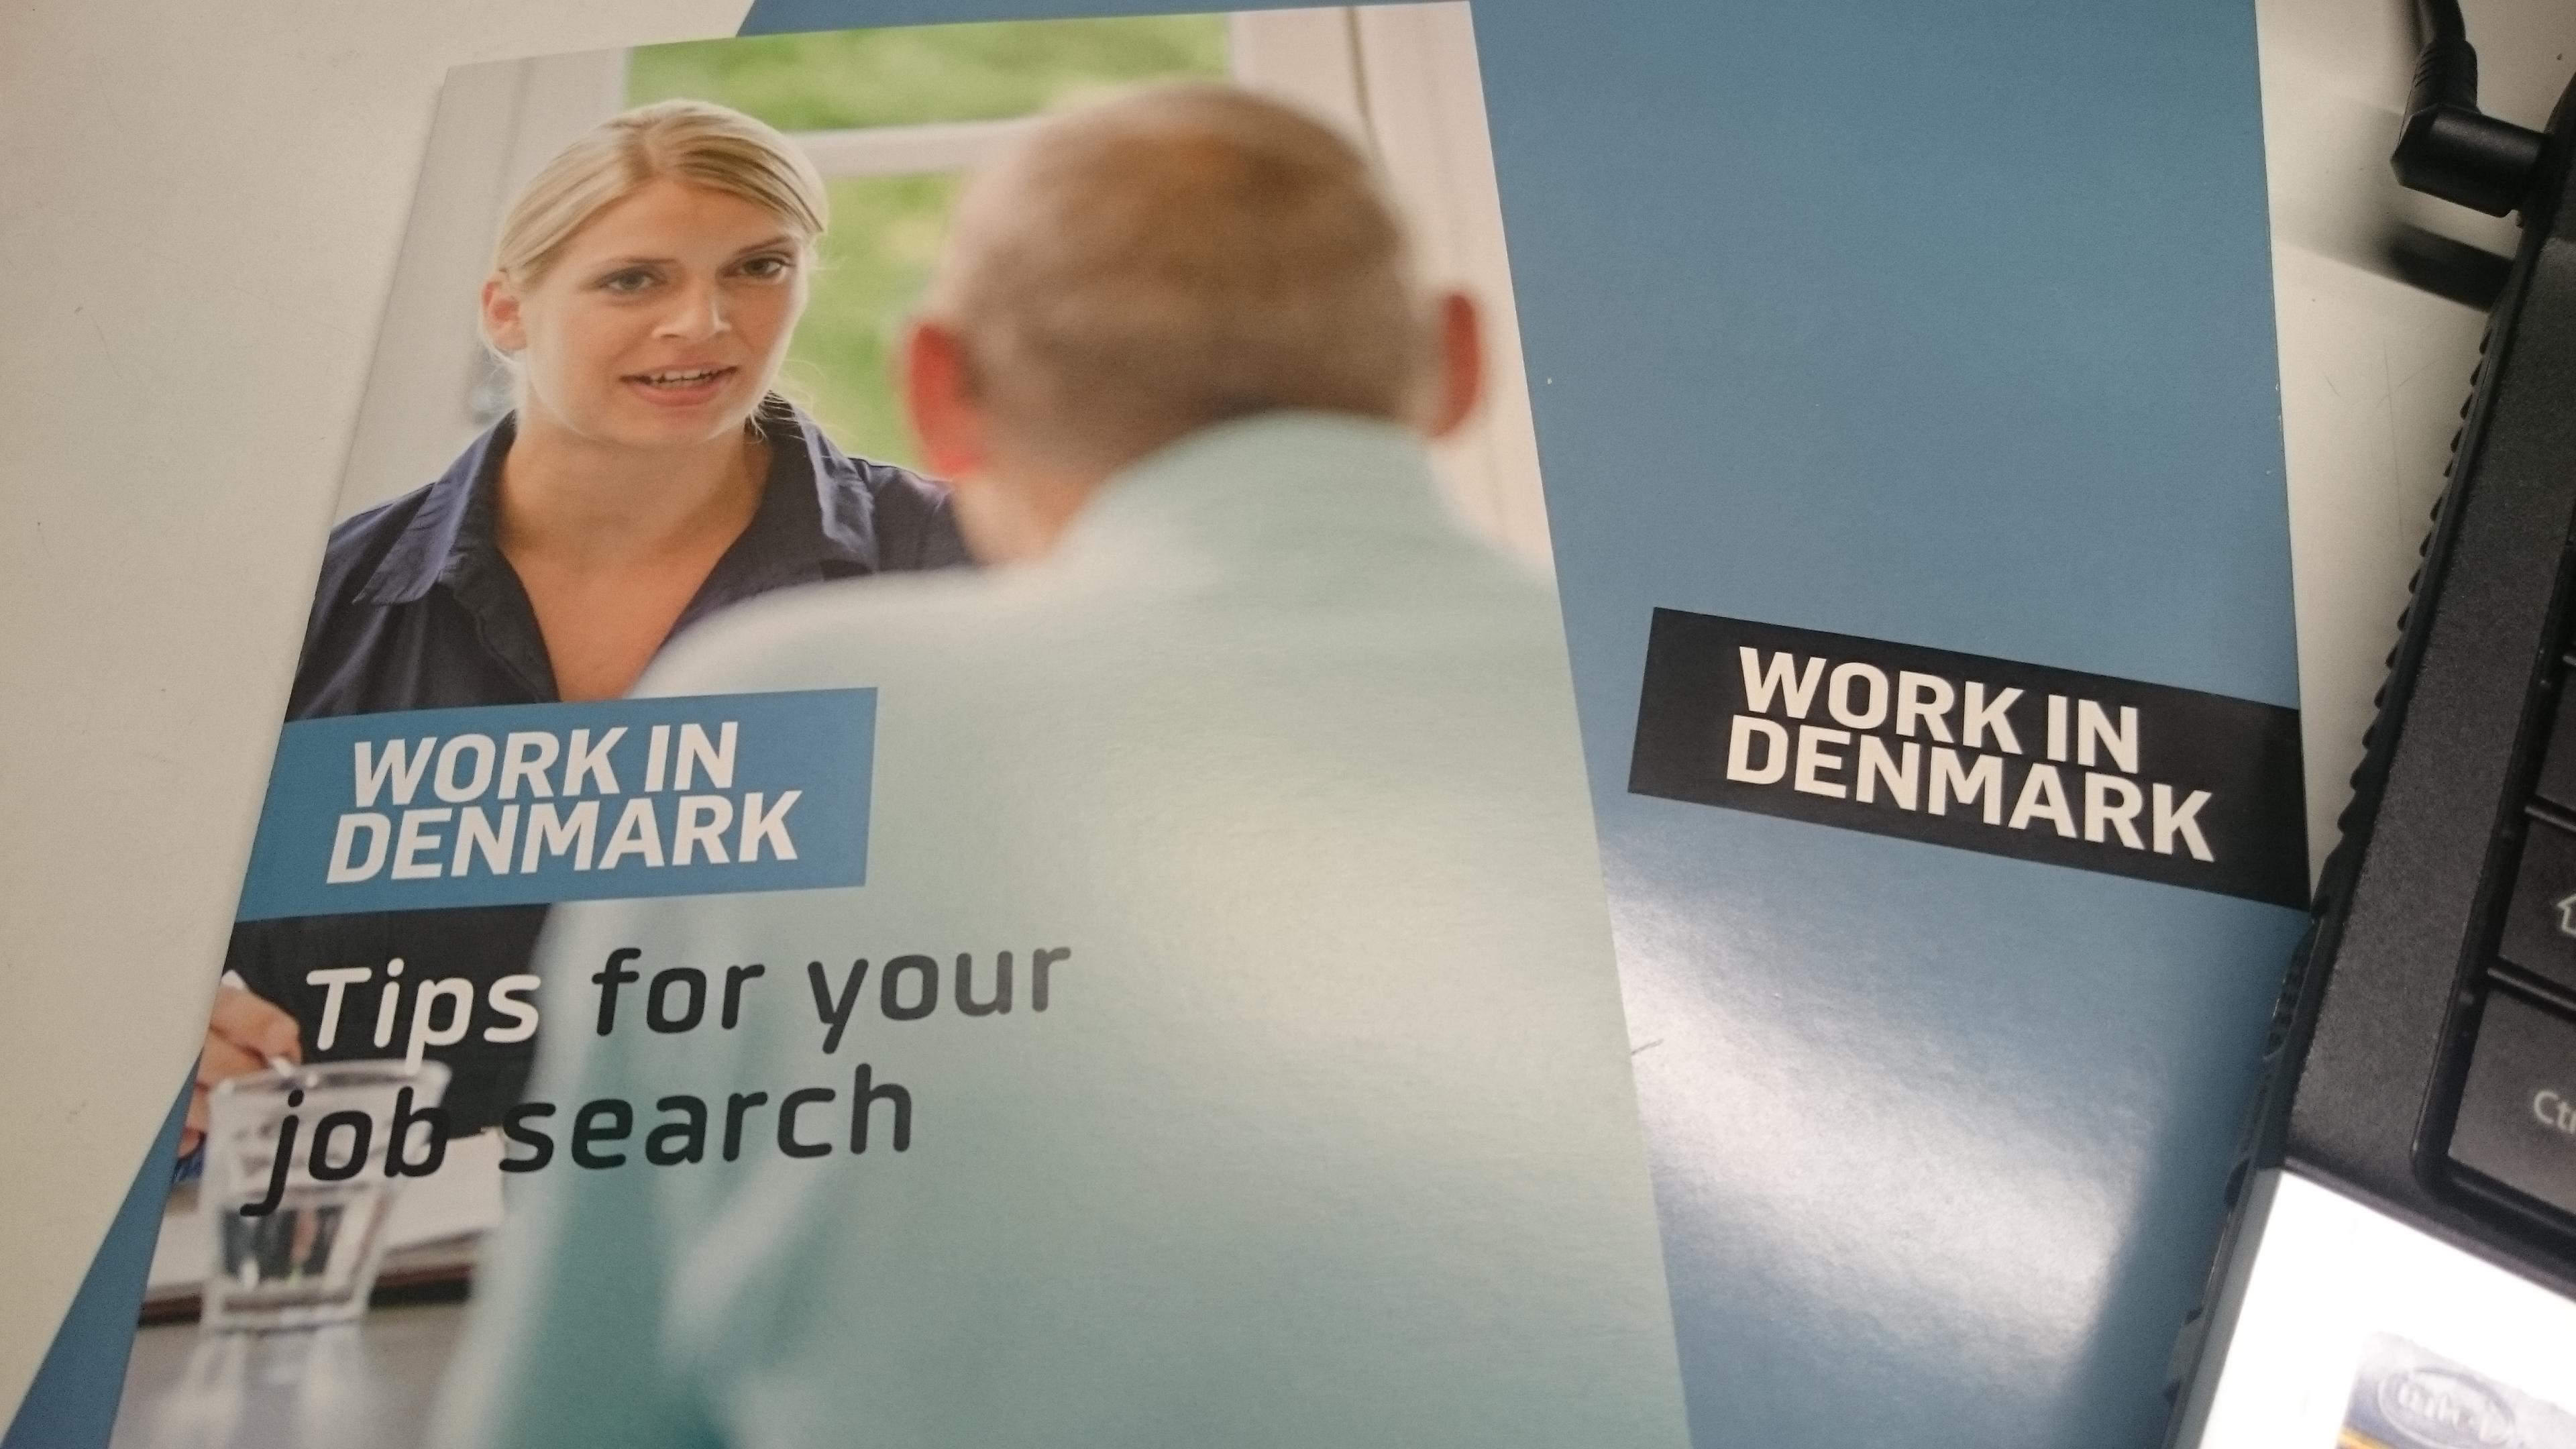 6) Work in Denmark membantu warga international untuk mendapatkan kerja di Denmark